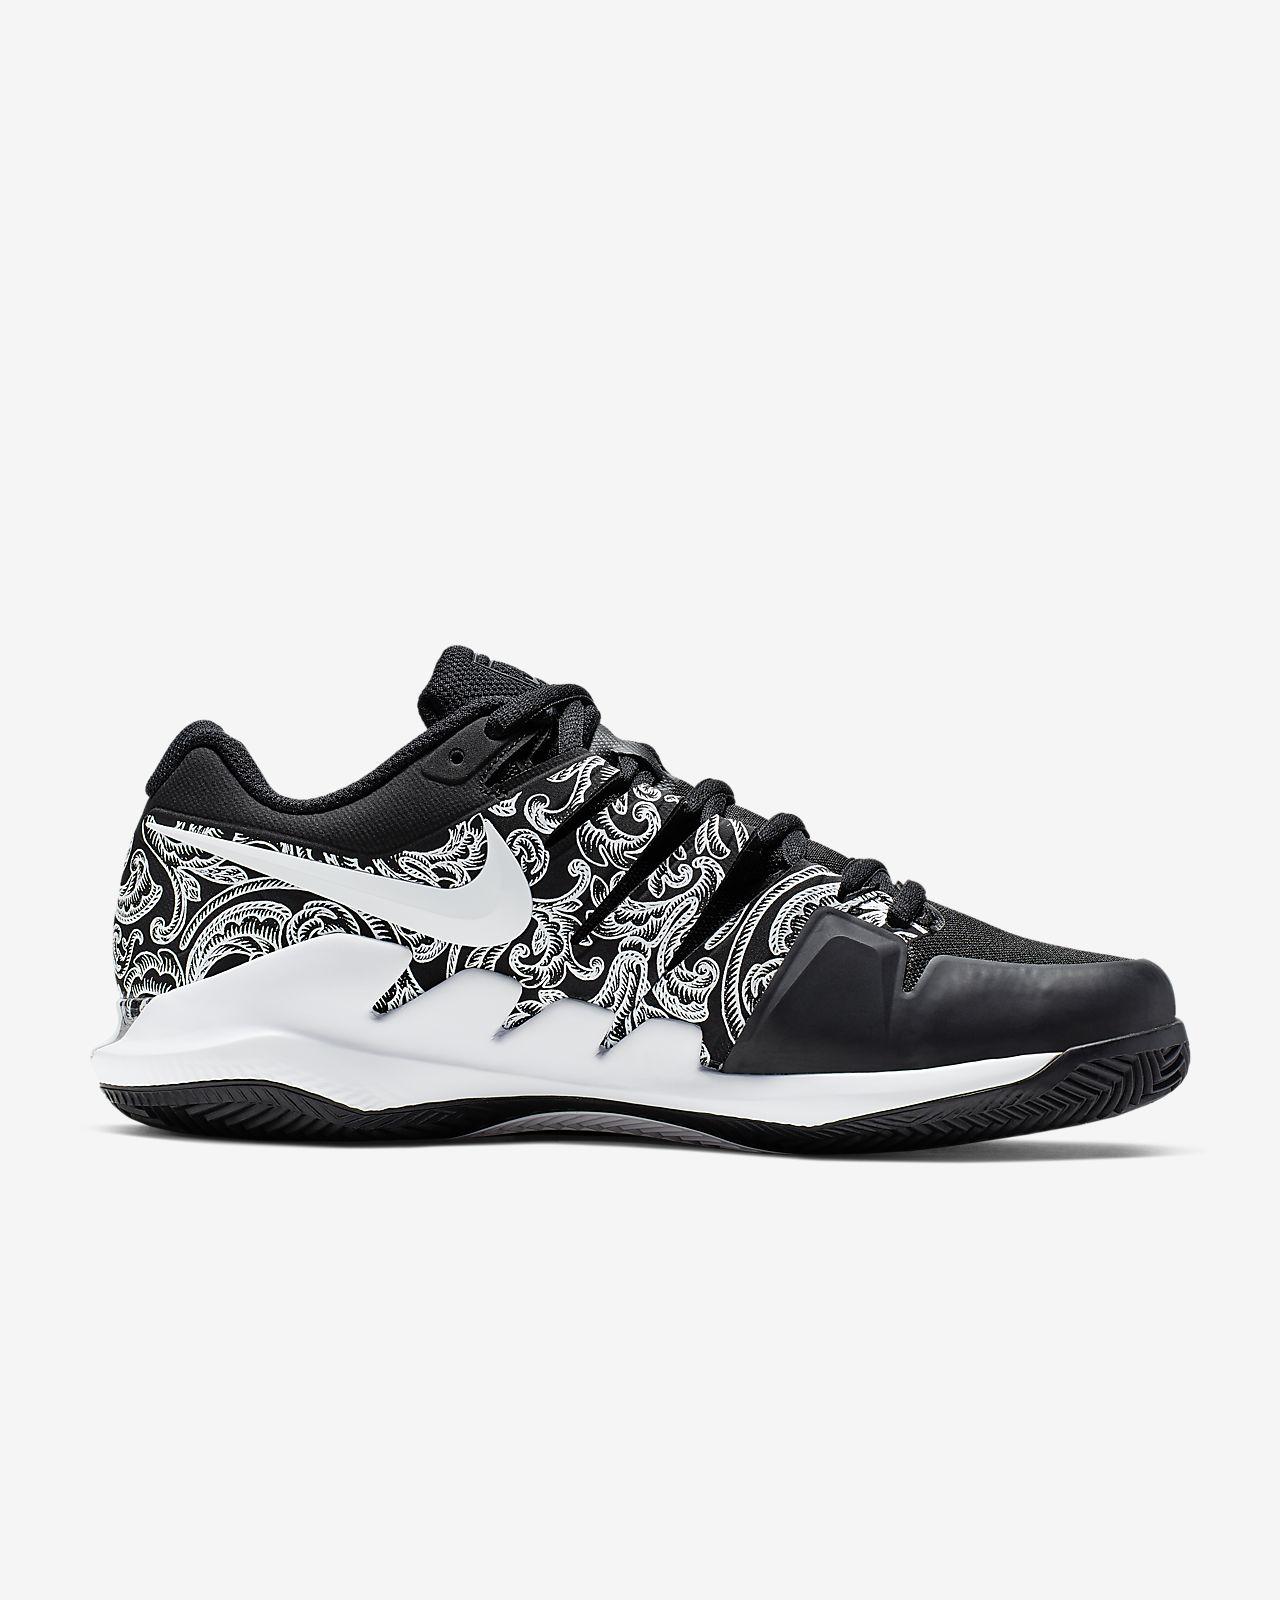 91307d5f5276 chaussure de tennis femme nike | ventes flash